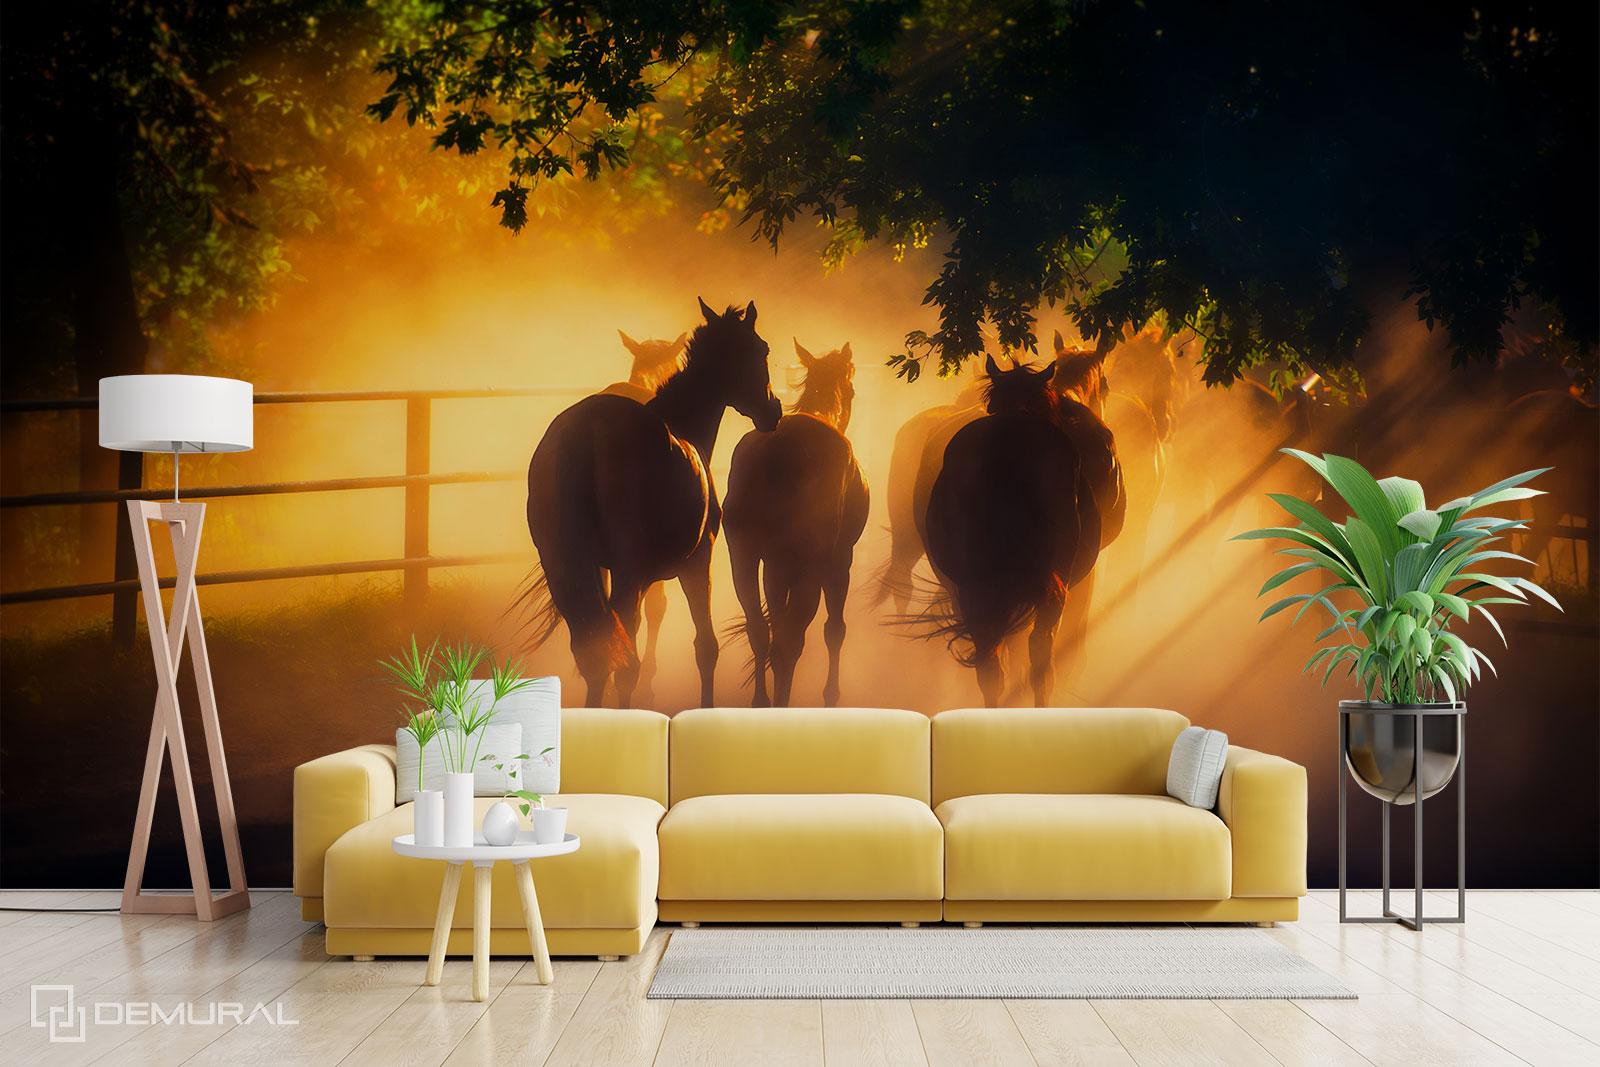 Fototapeta Galop o zachodzie słońca - Fototapety konie - Demural